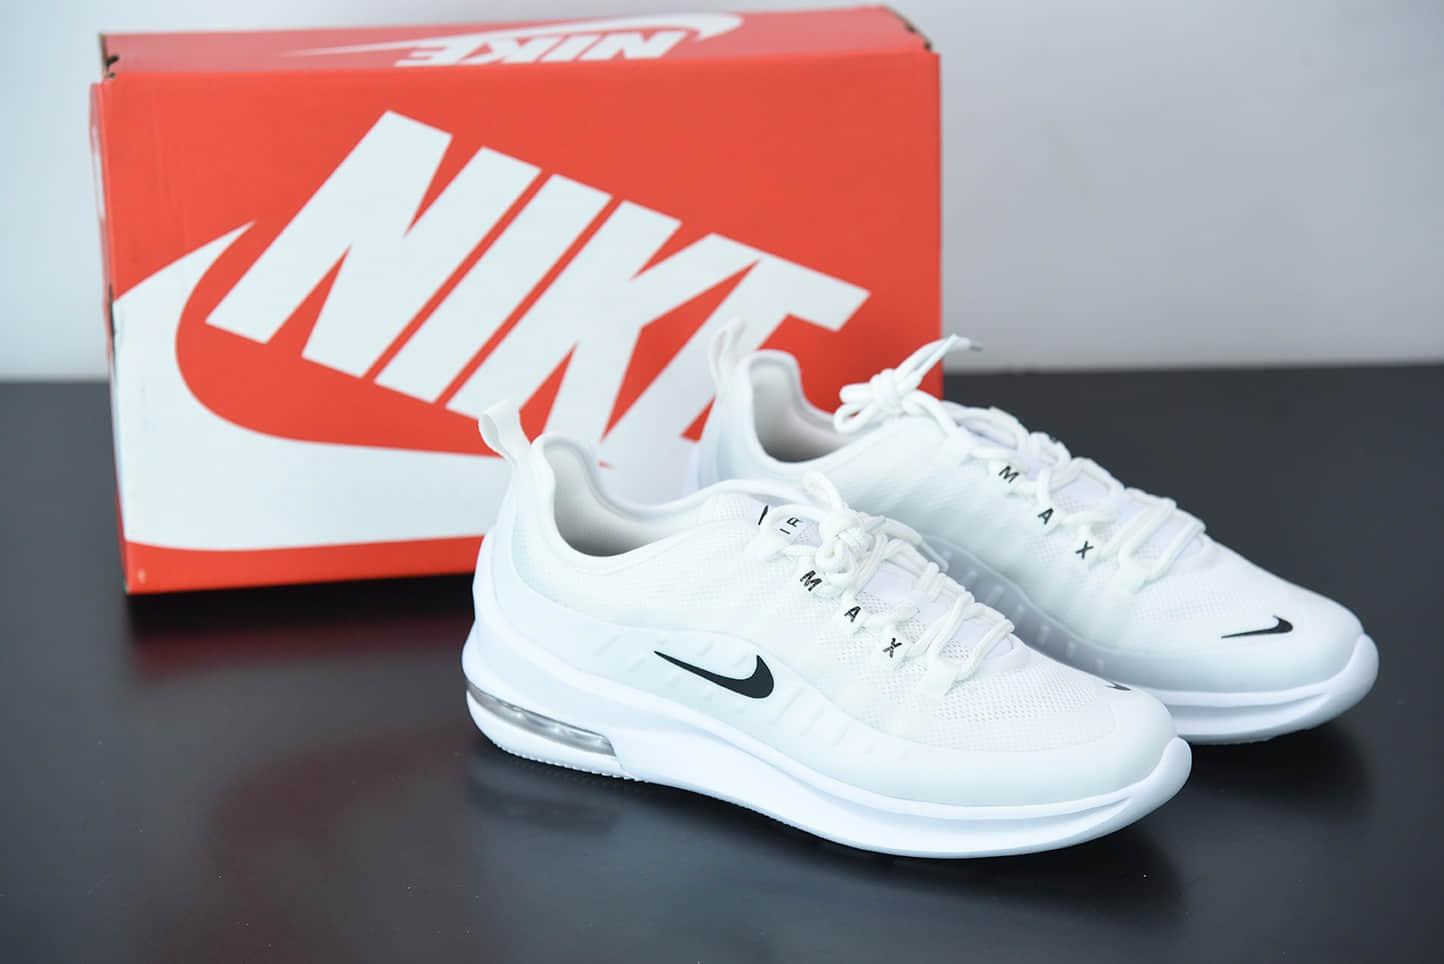 耐克Nike Air Max AXIS 小98白黑简约复古经典球鞋纯原版本 货号:AA2146-100